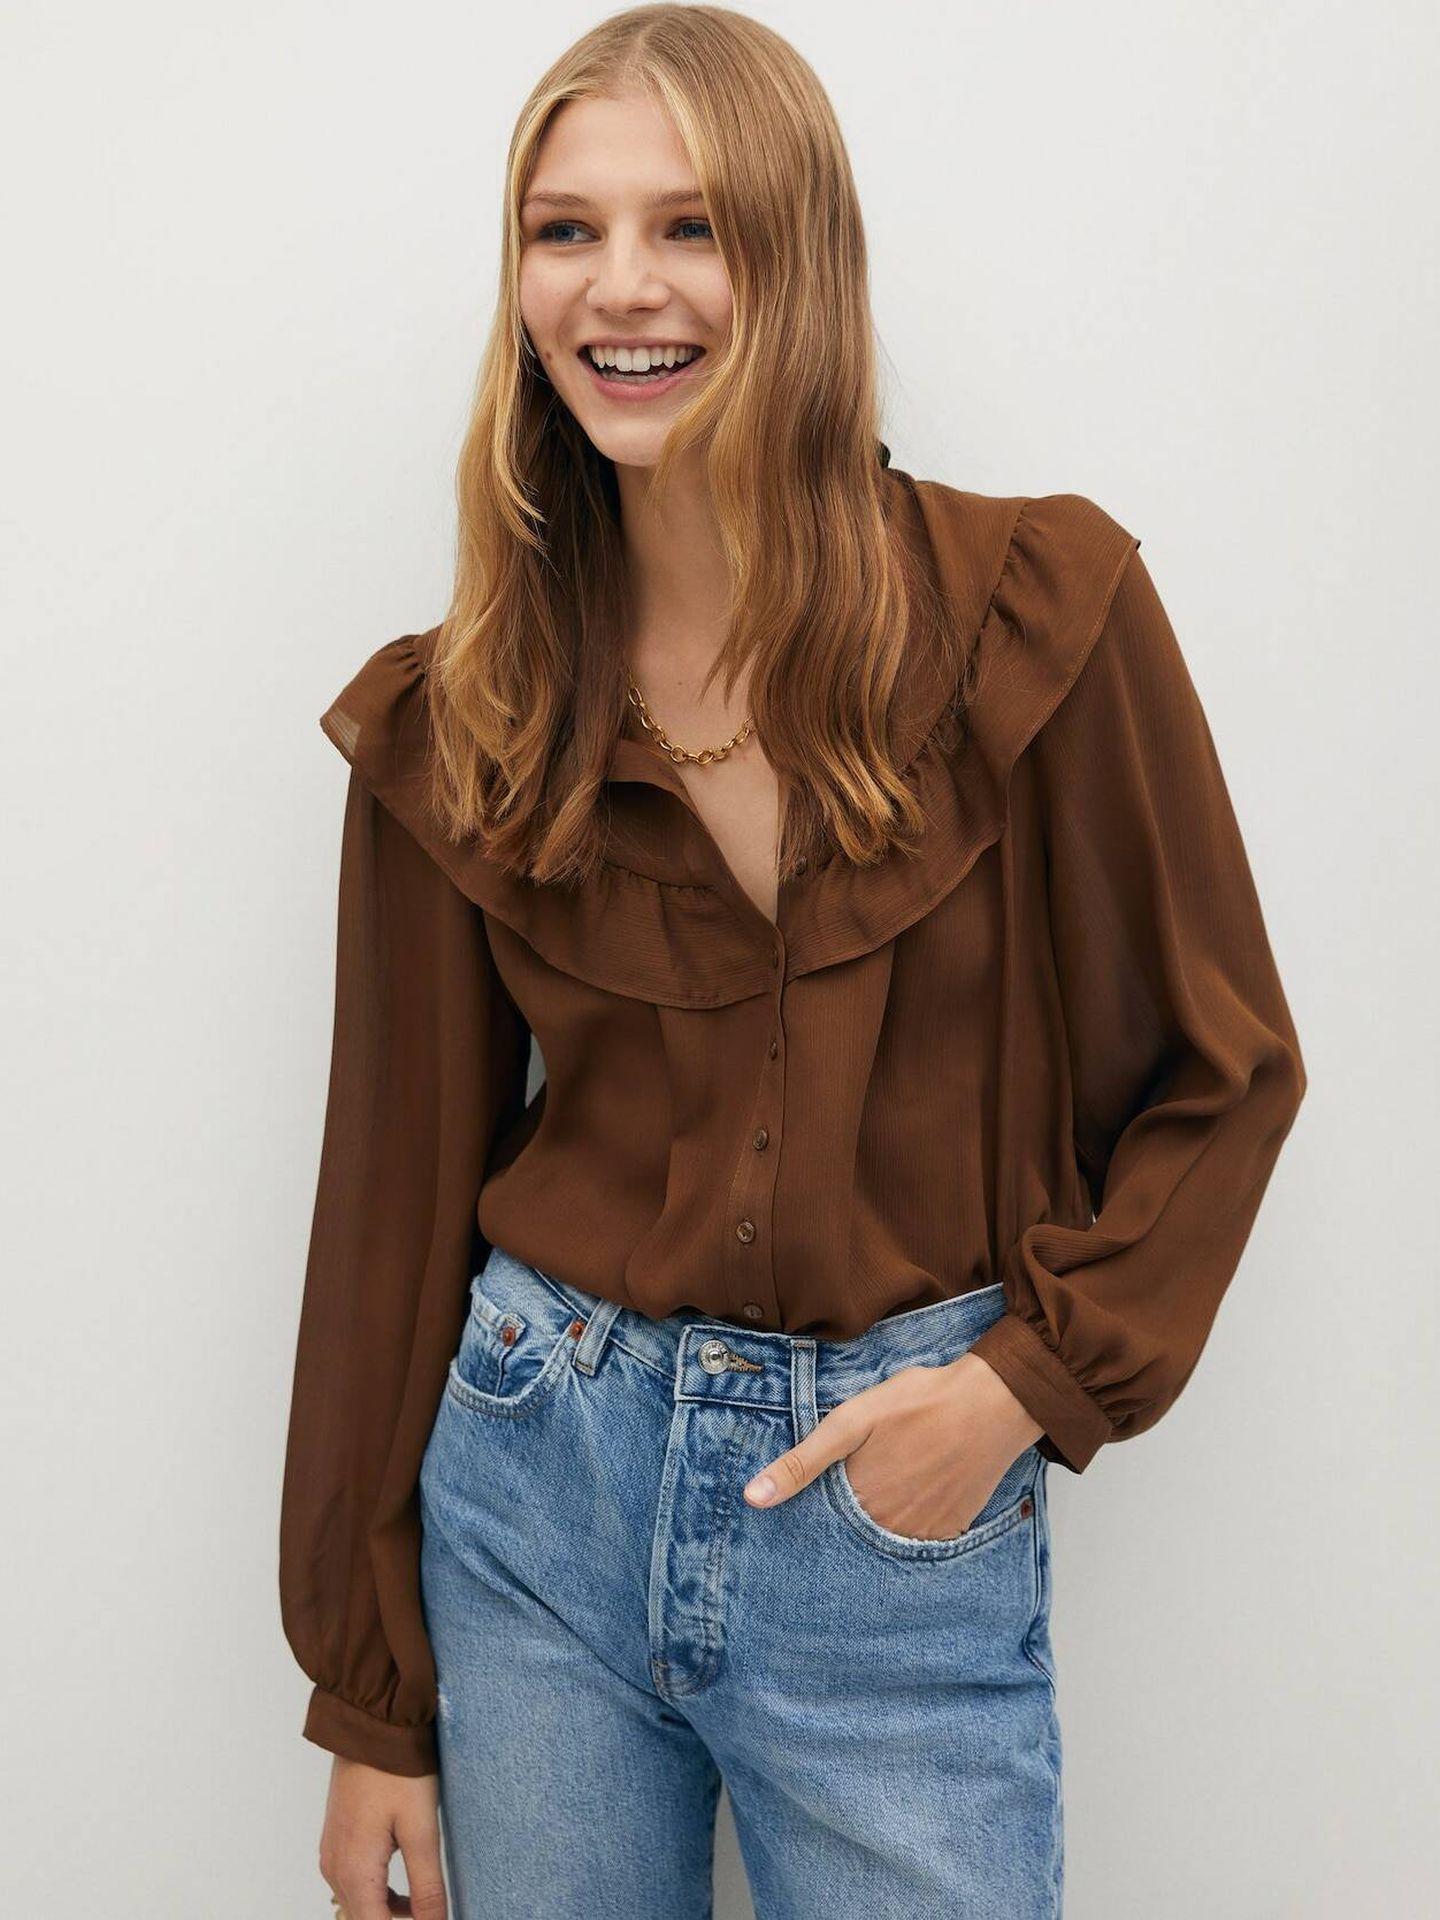 Blusa marrón con volantes de Mango Outlet. (Cortesía)